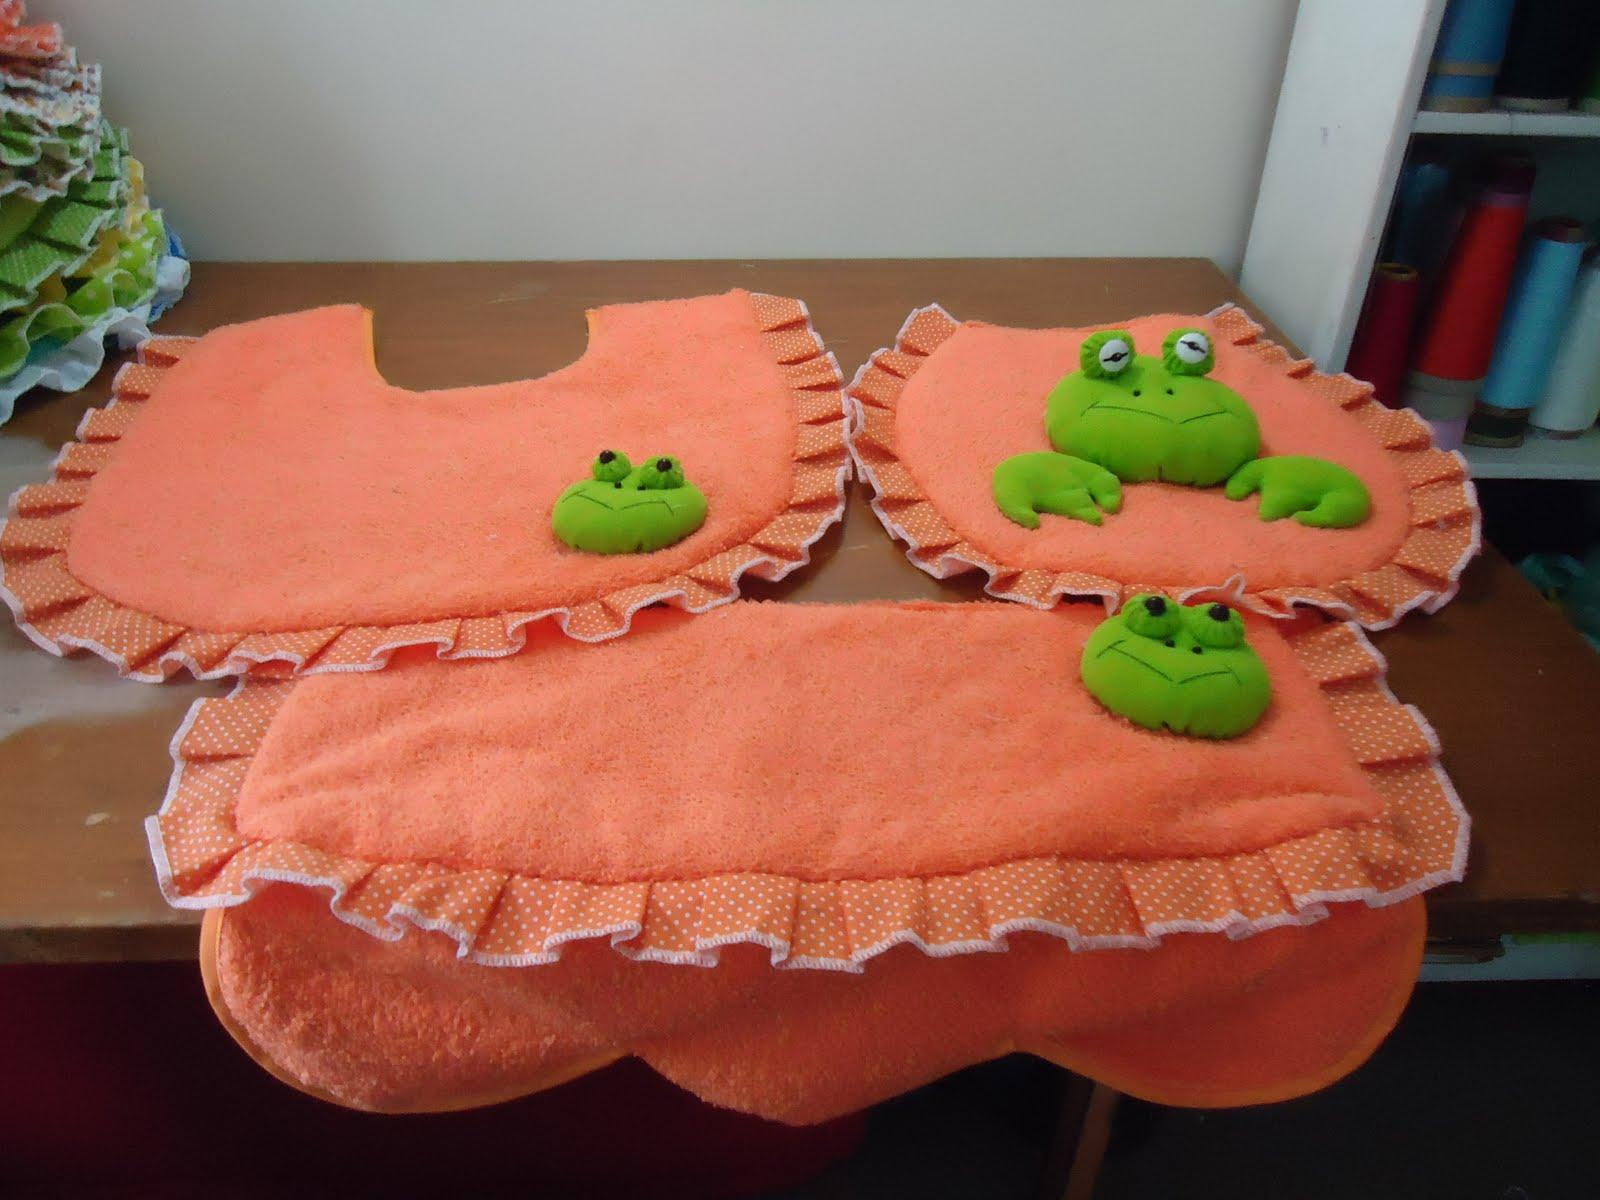 Imagenes Juegos De Baño Lenceria:Confección de Lenceria: Mis productos